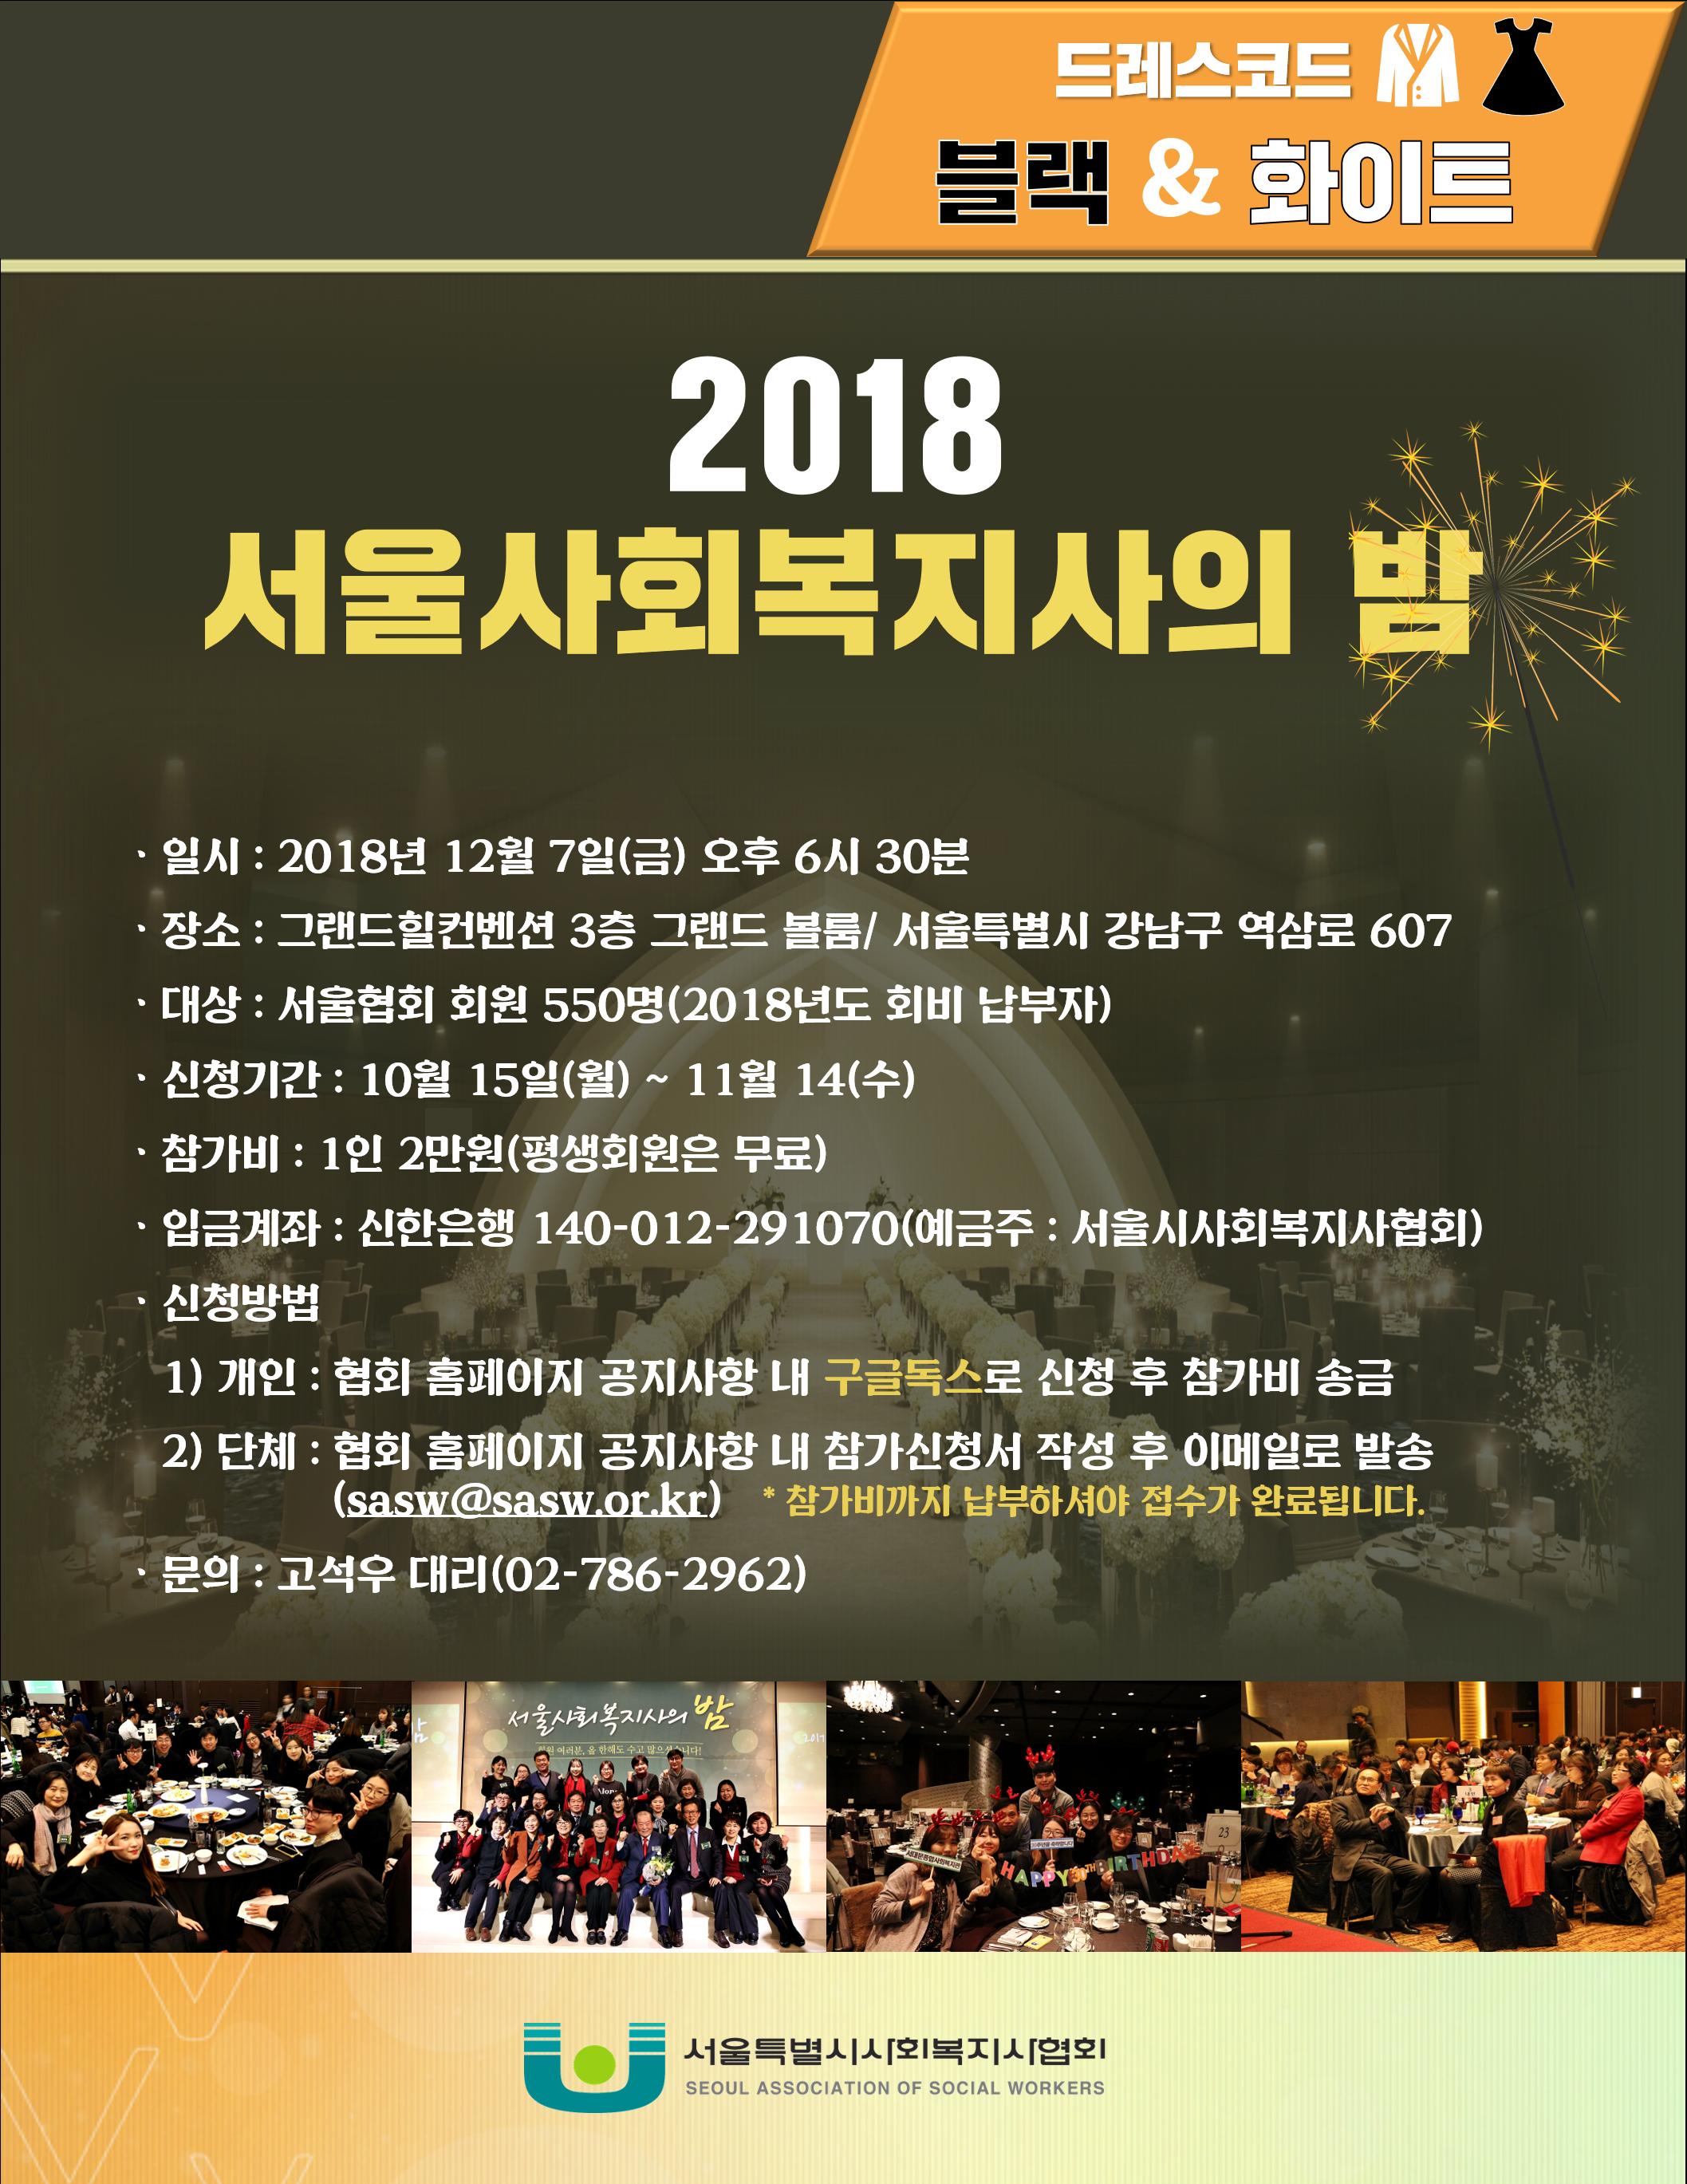 2018 서울사회복지사의 밤.png